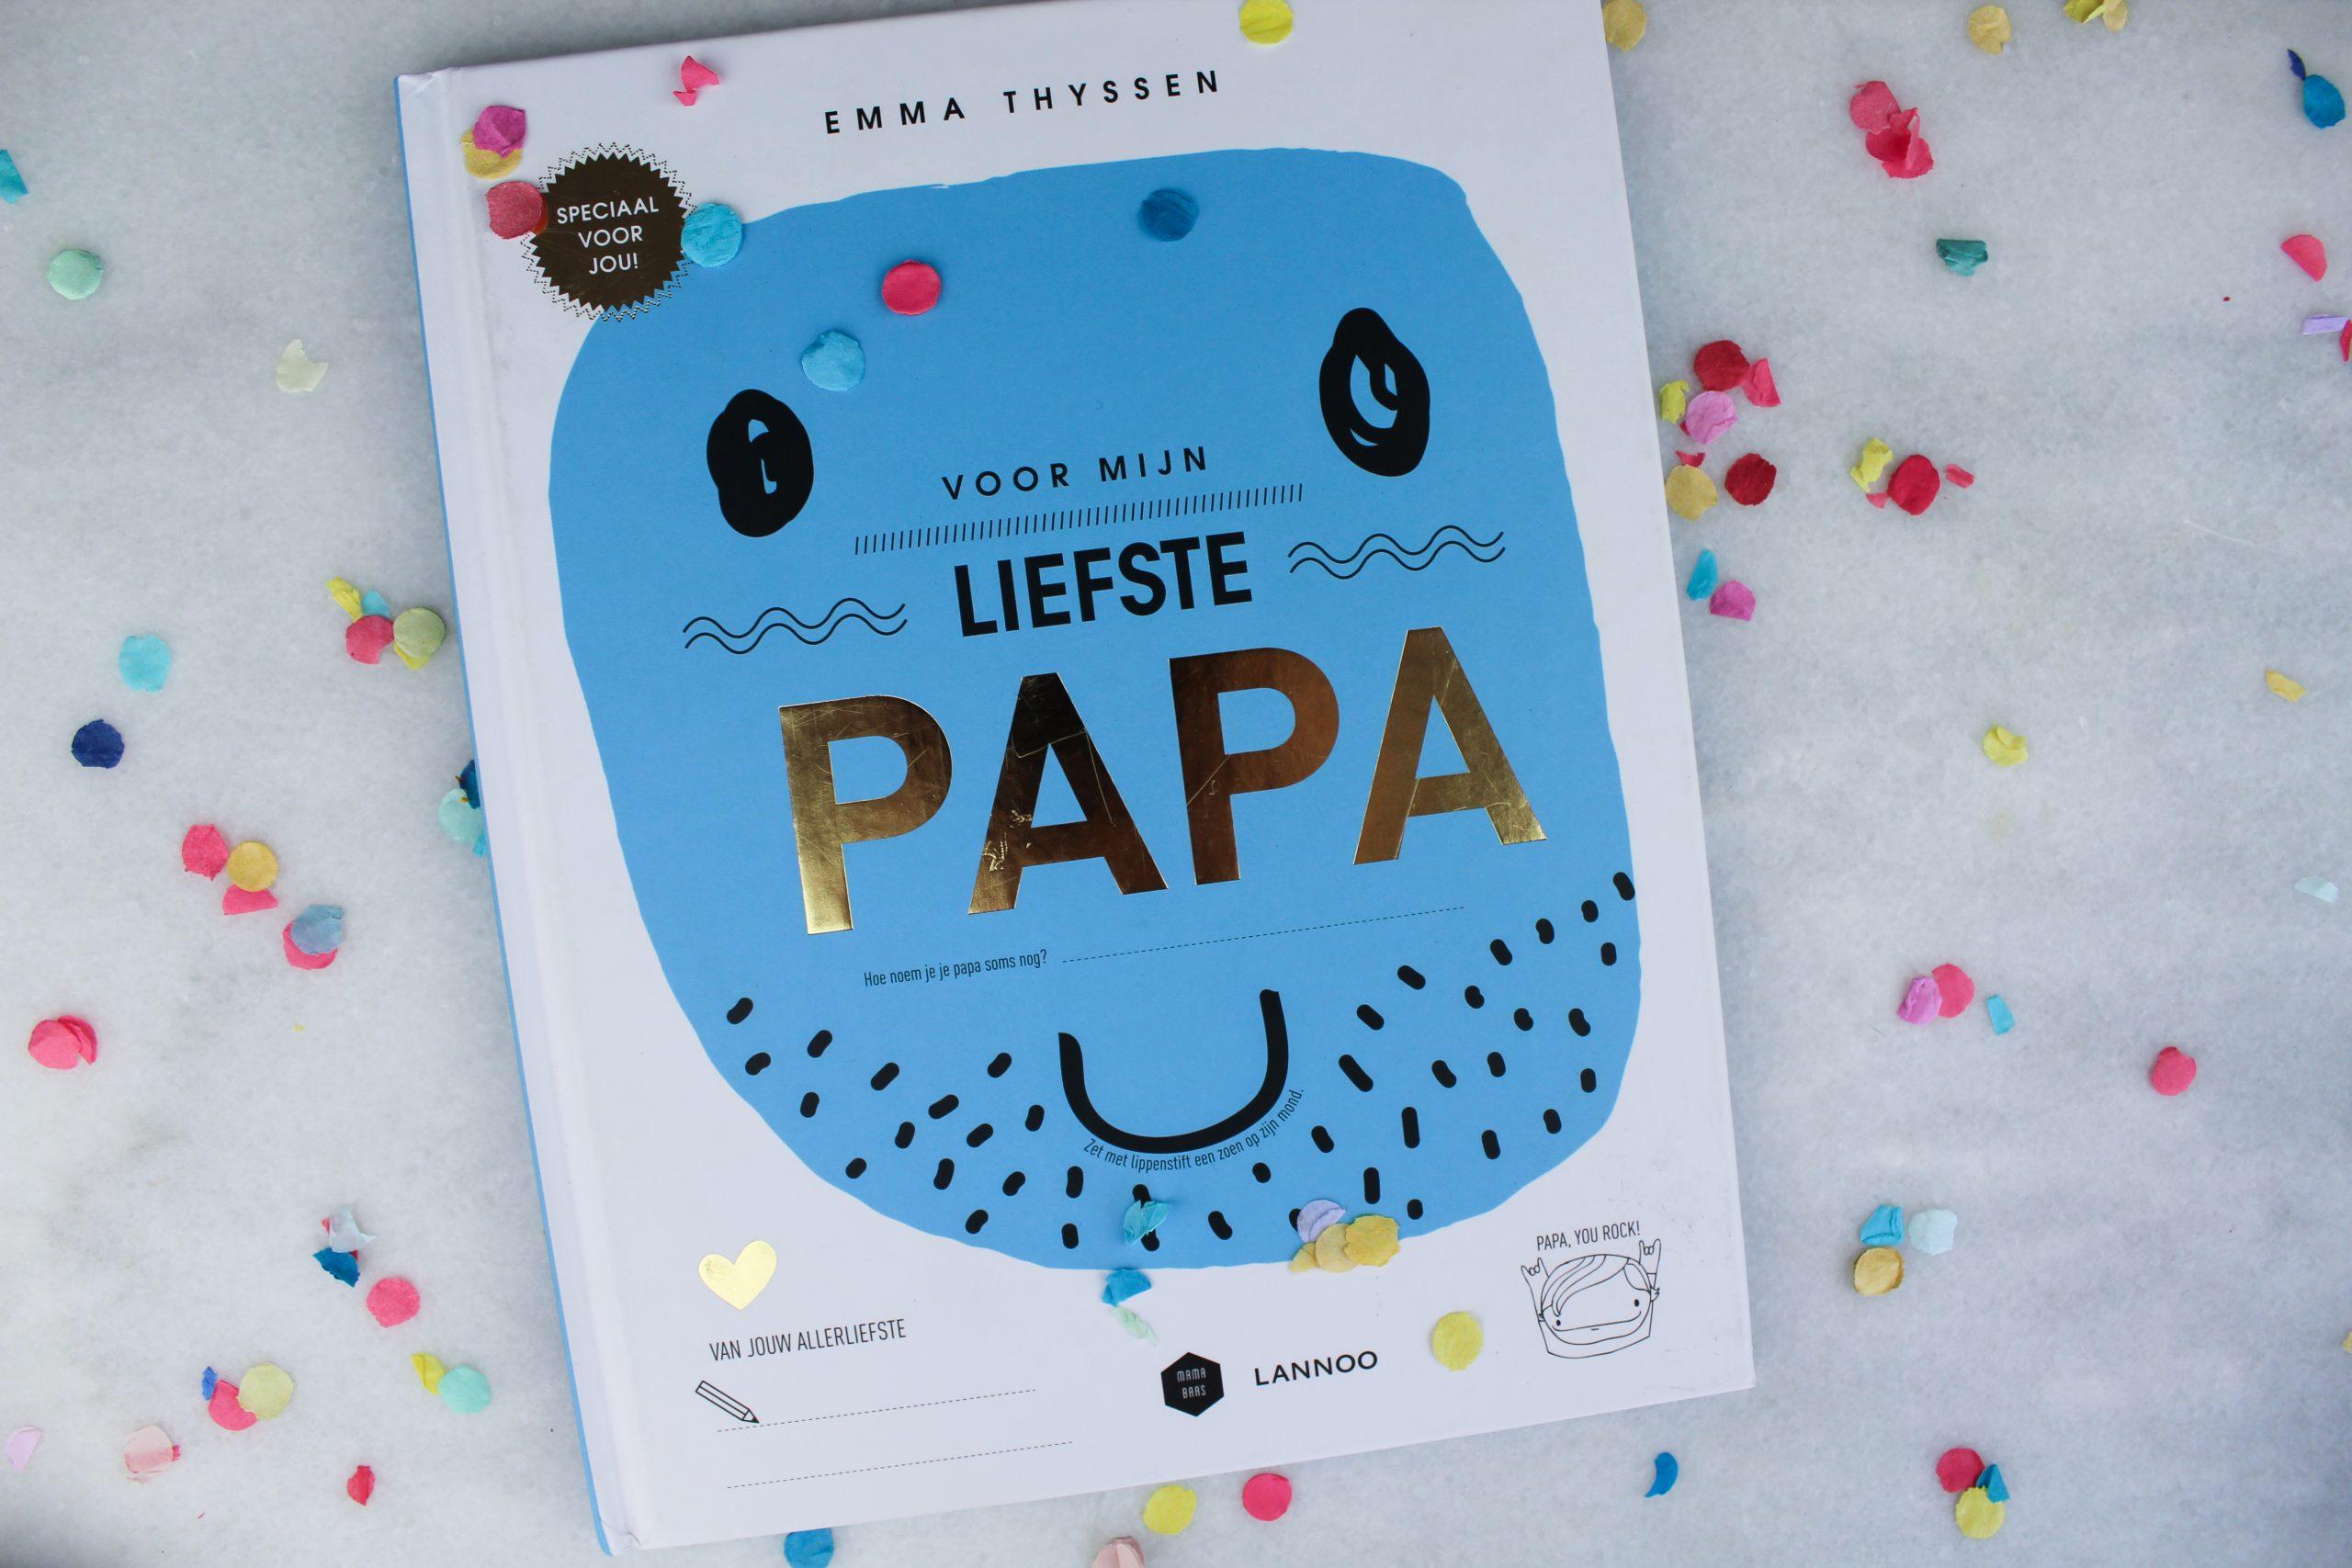 cadeau papa vader vaderdag ideefabriek kind